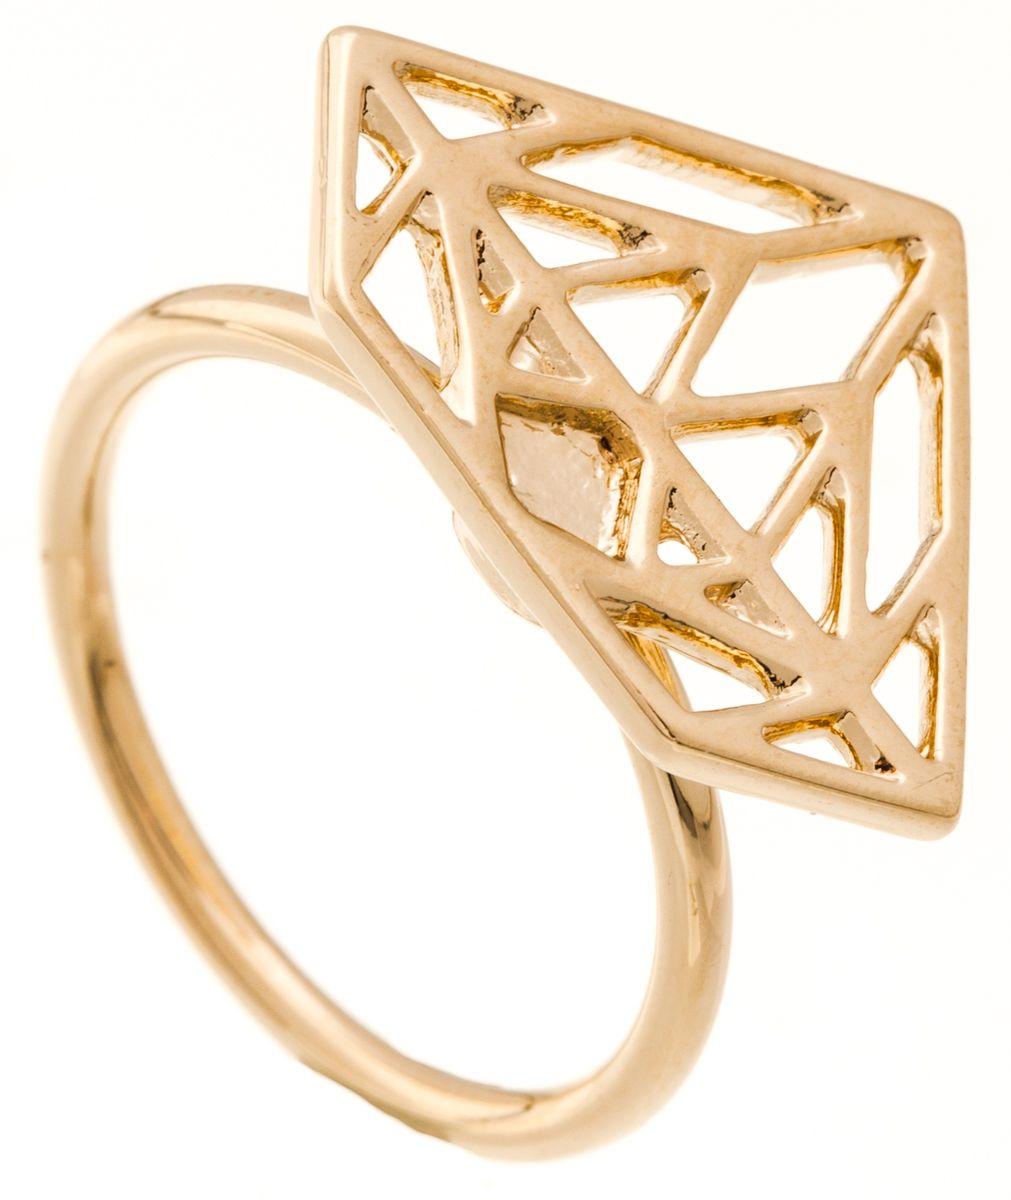 Кольцо Jenavi Young 2. Эпик, цвет: золотой. f661p090. Размер 16Коктейльное кольцоИзящное кольцо Jenavi из коллекции Young 2. Эпик изготовлено из ювелирного сплава с покрытием из позолоты. Изделие выполнено в необычном дизайне в форме треугольника. Стильное кольцо придаст вашему образу изюминку, подчеркнет индивидуальность.